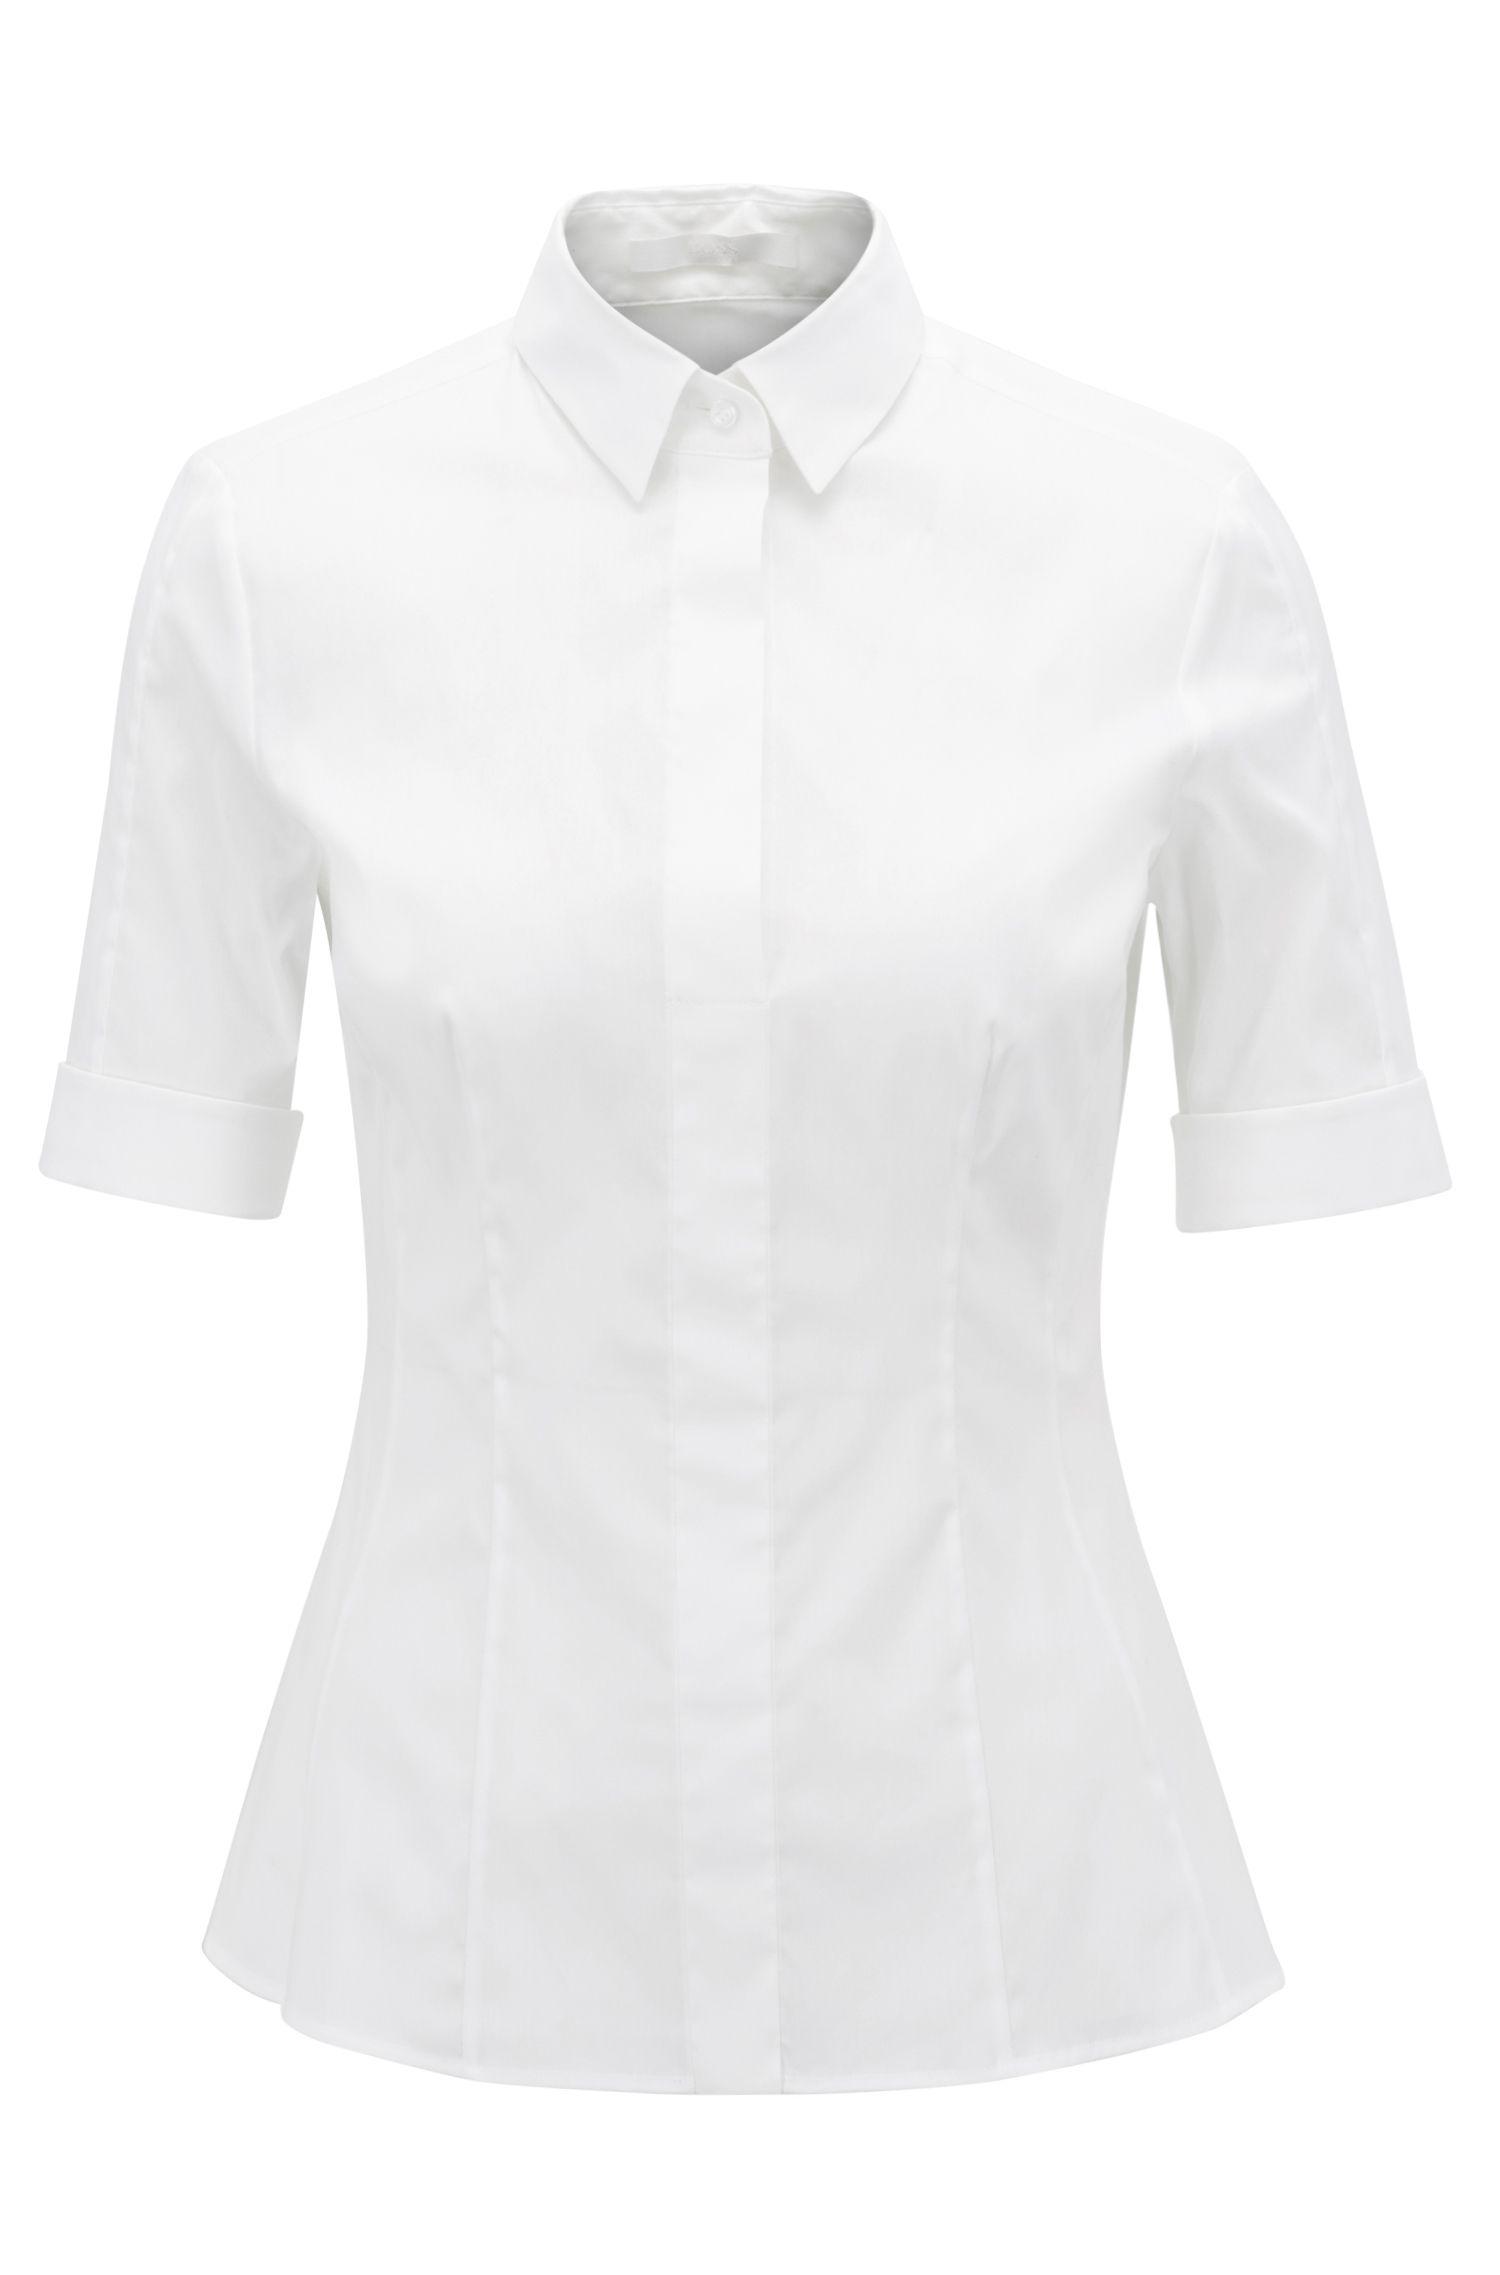 Slim-Fit Bluse aus Baumwoll-Mix mit angedeuteter Knopfleiste